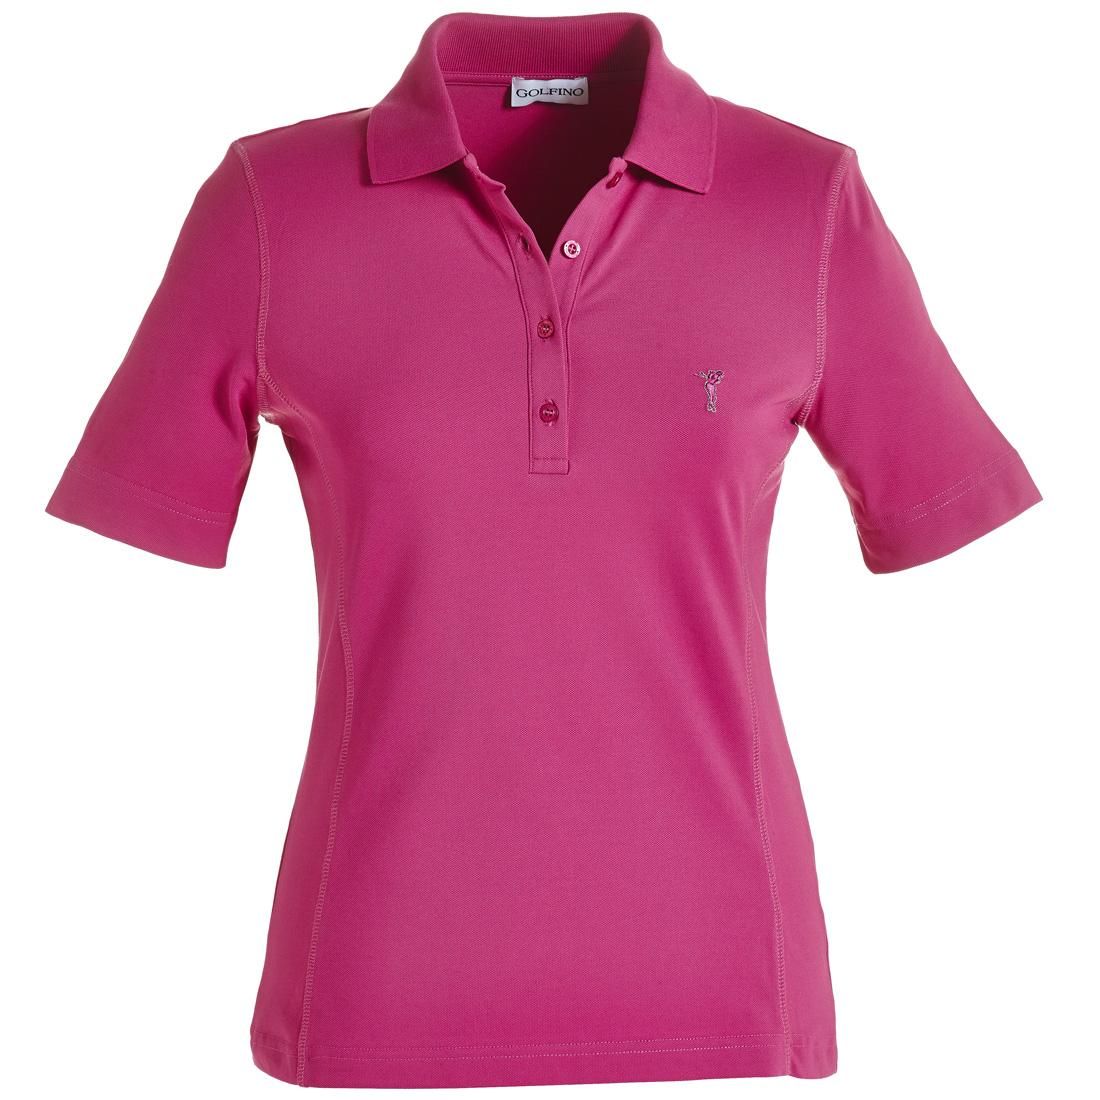 Damen Piqué Poloshirt mit UV-Schutz